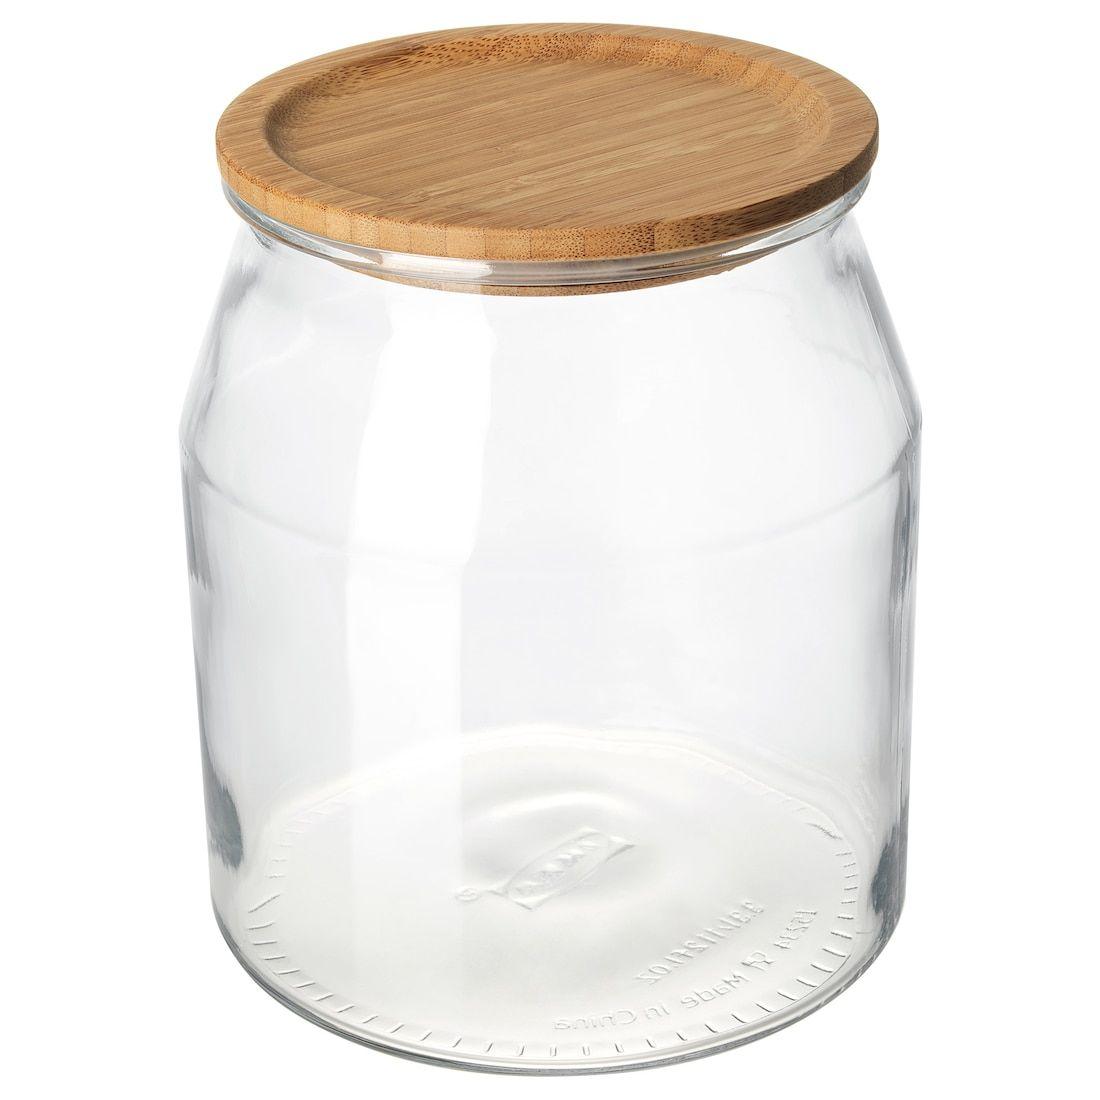 Ikea Ikea 365 Glass Bamboo Jar With Lid In 2019 Ikea Jars